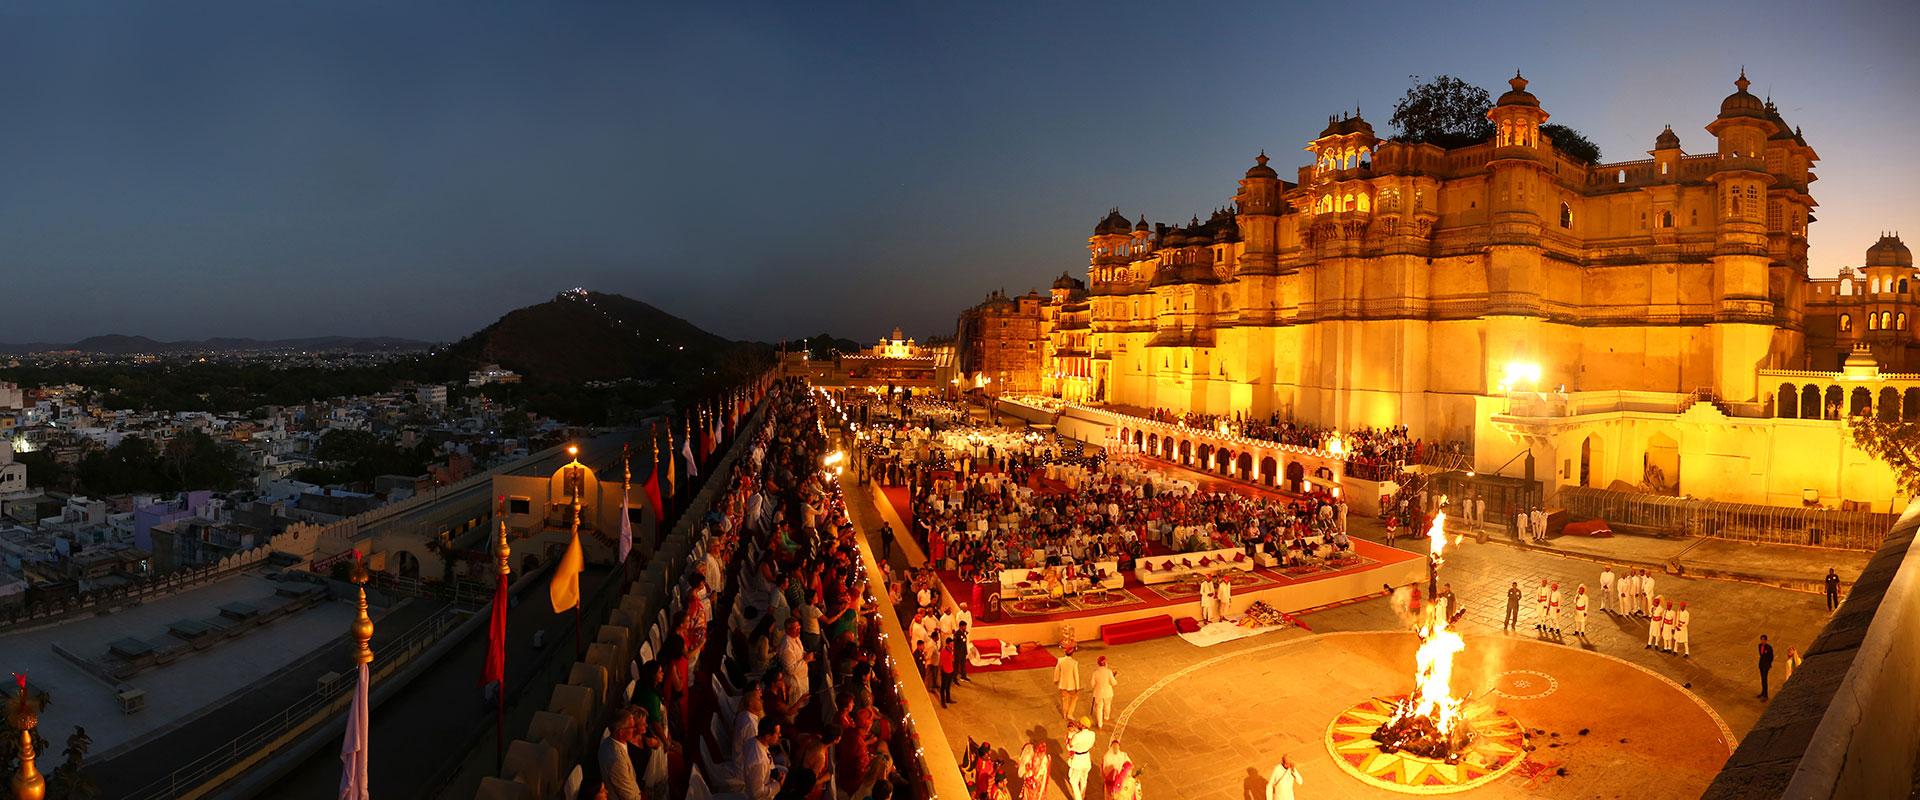 Ashwa Poojan Festival in Udaipur